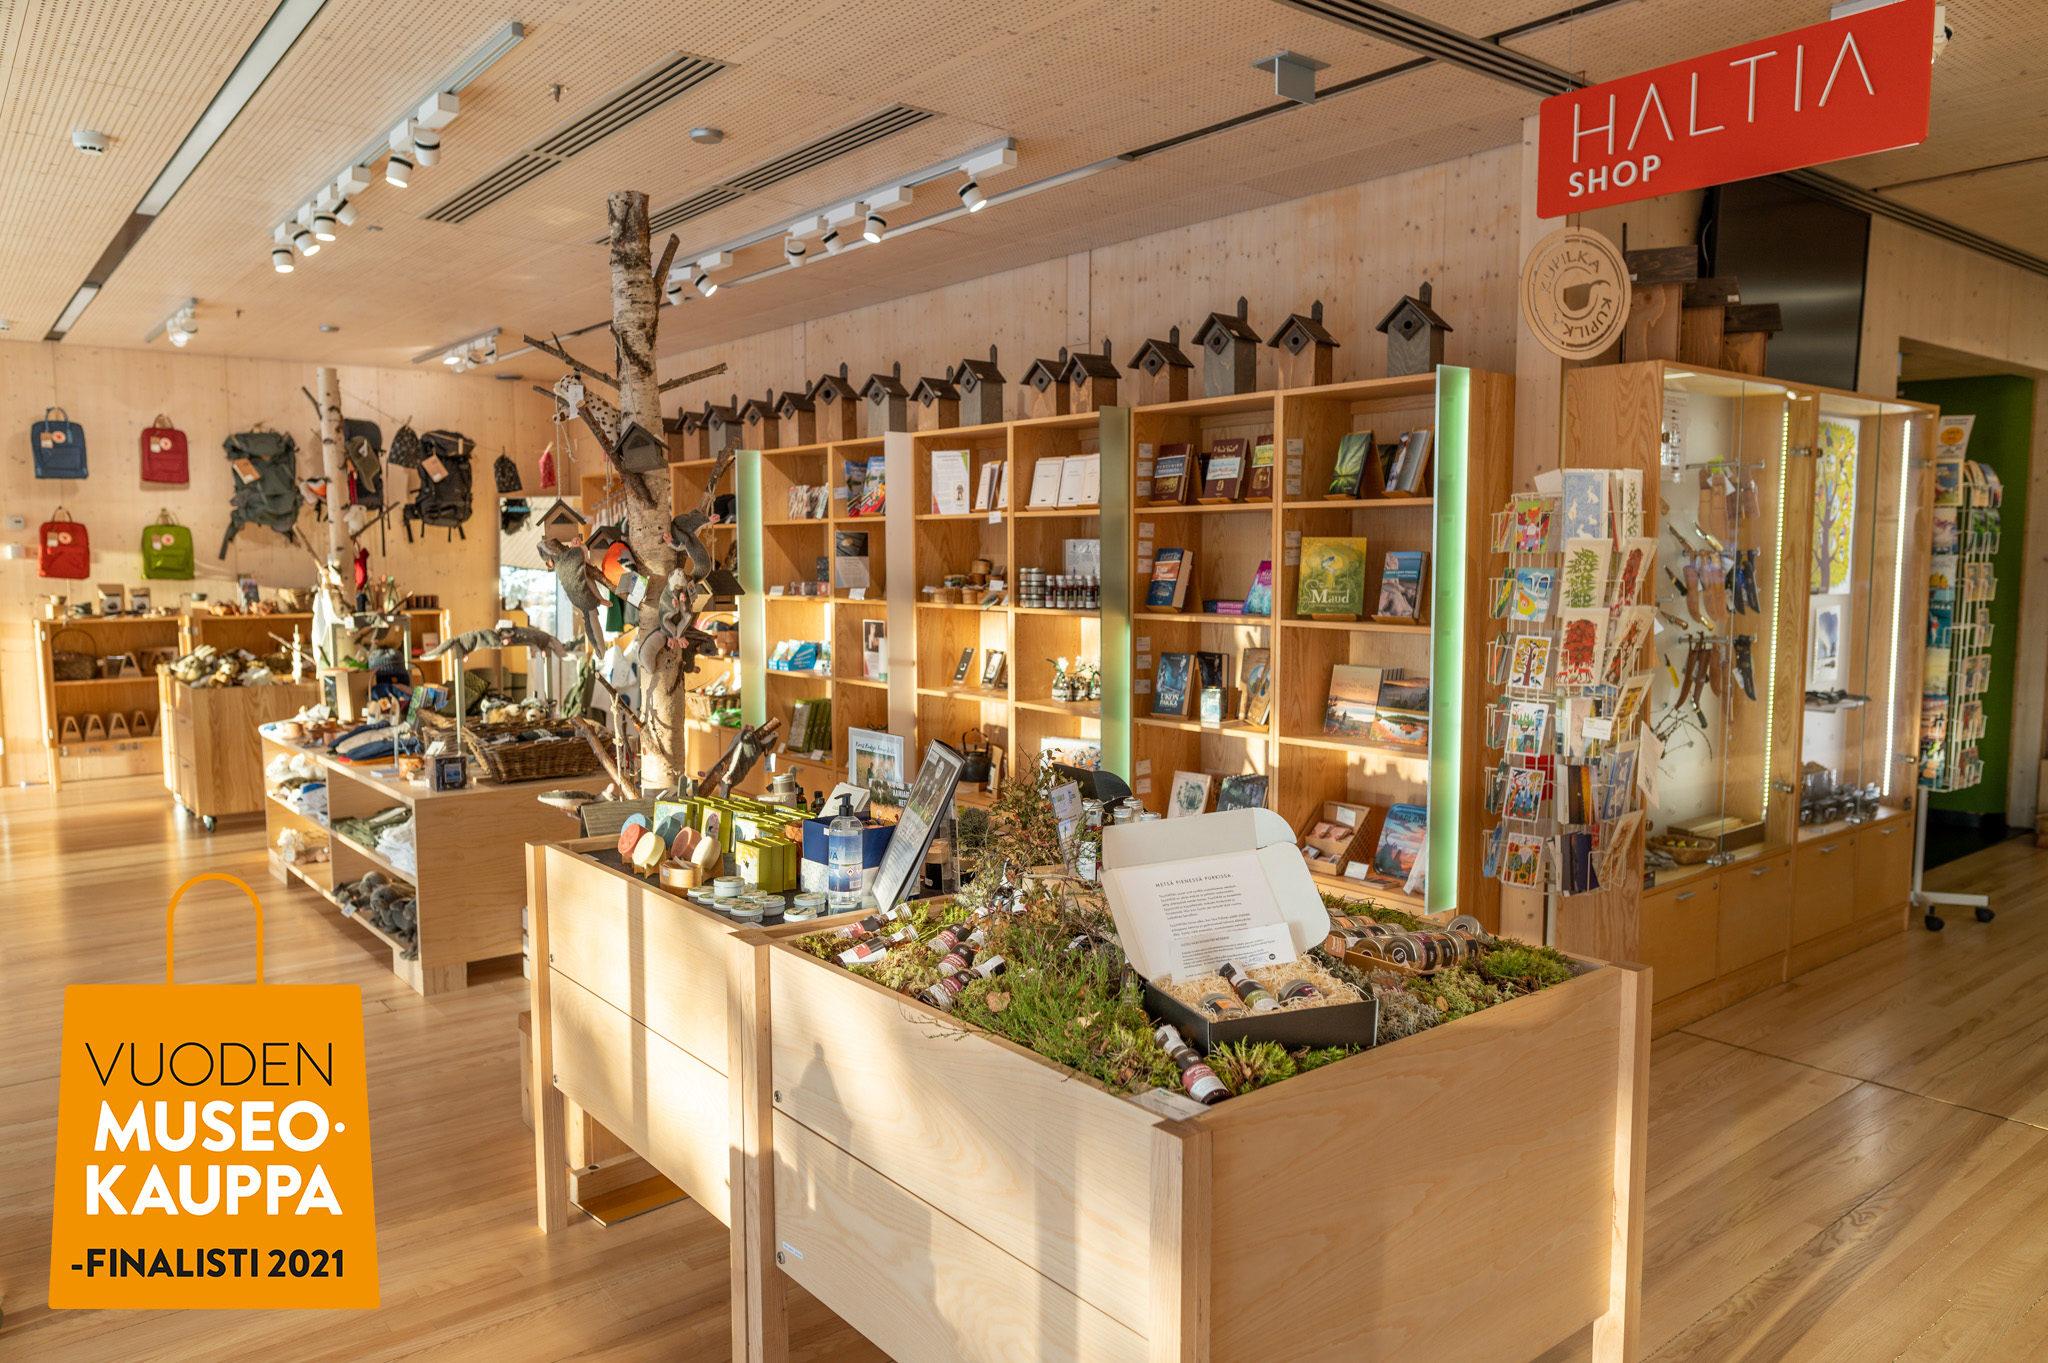 Haltia Shop